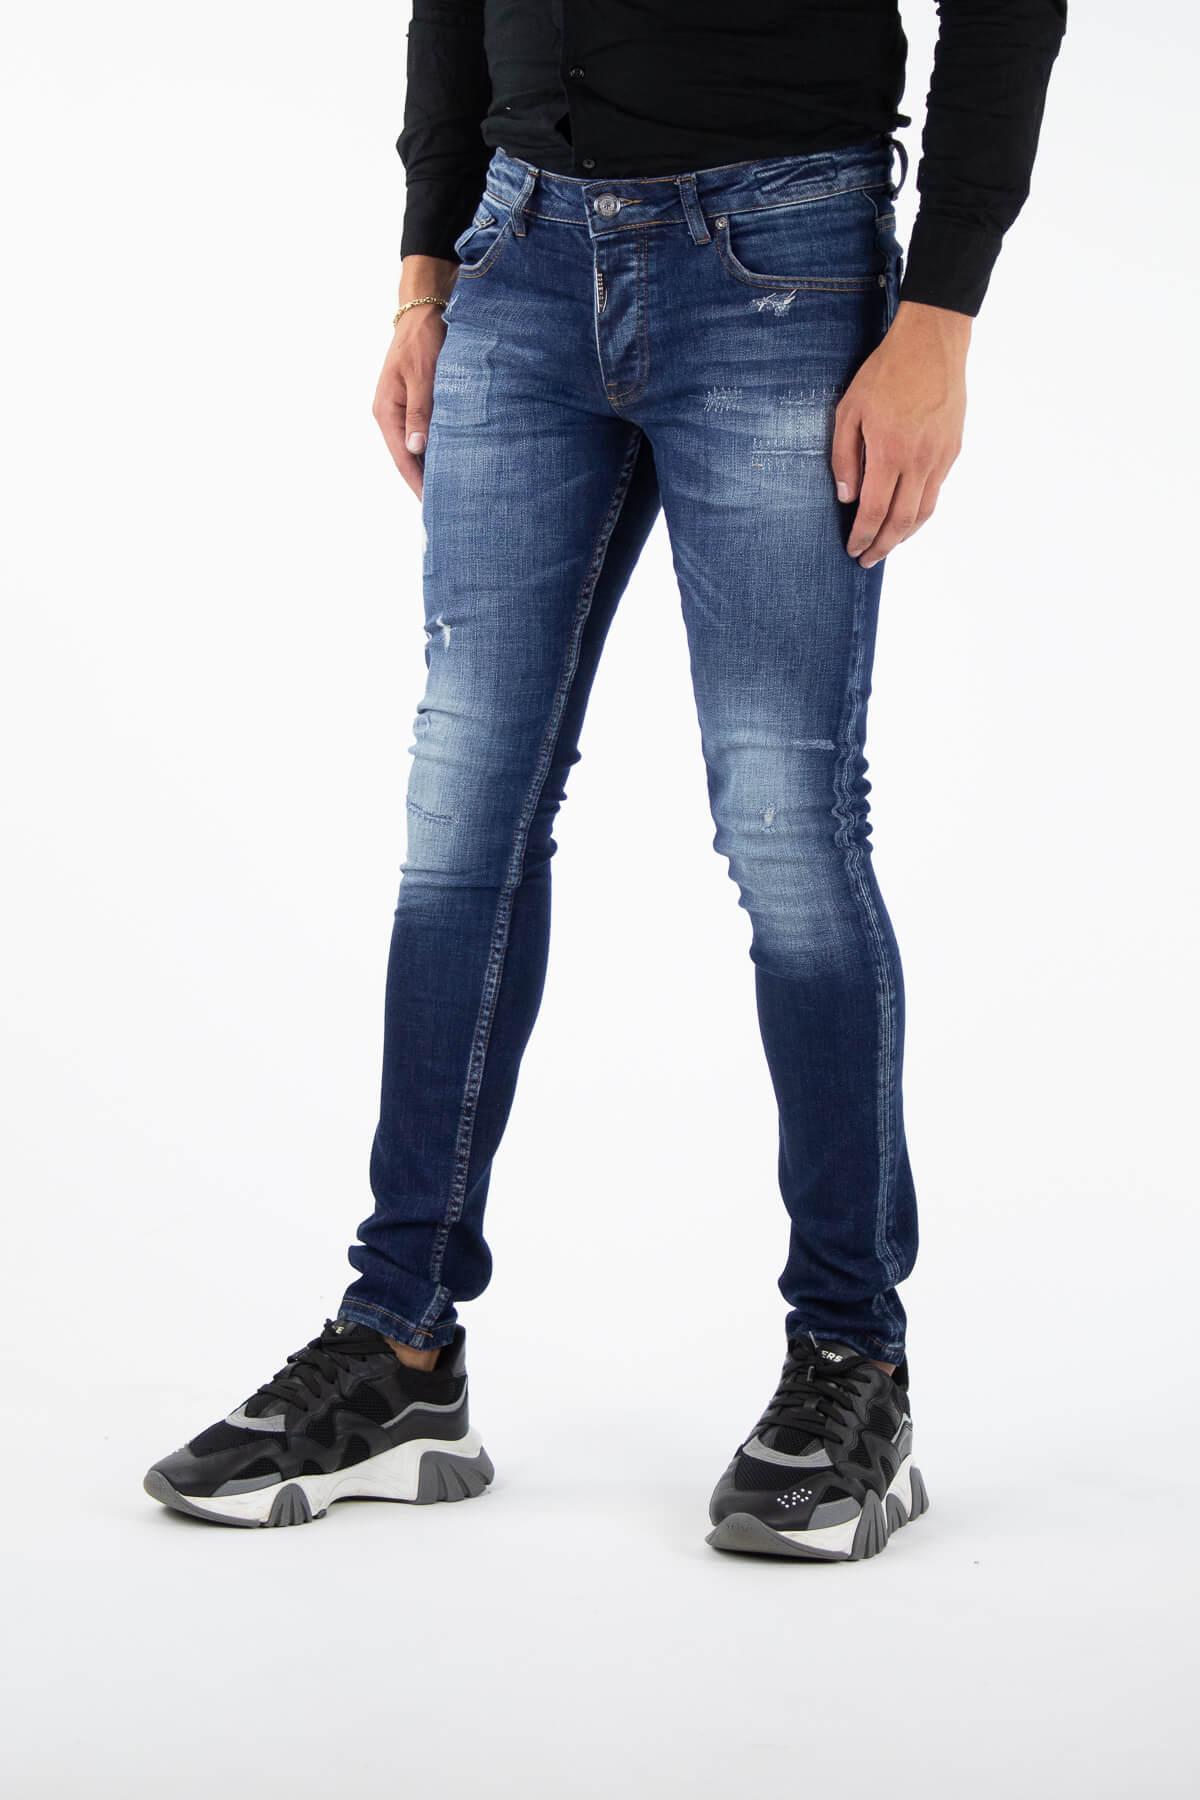 Sorrento Blue Jeans-3